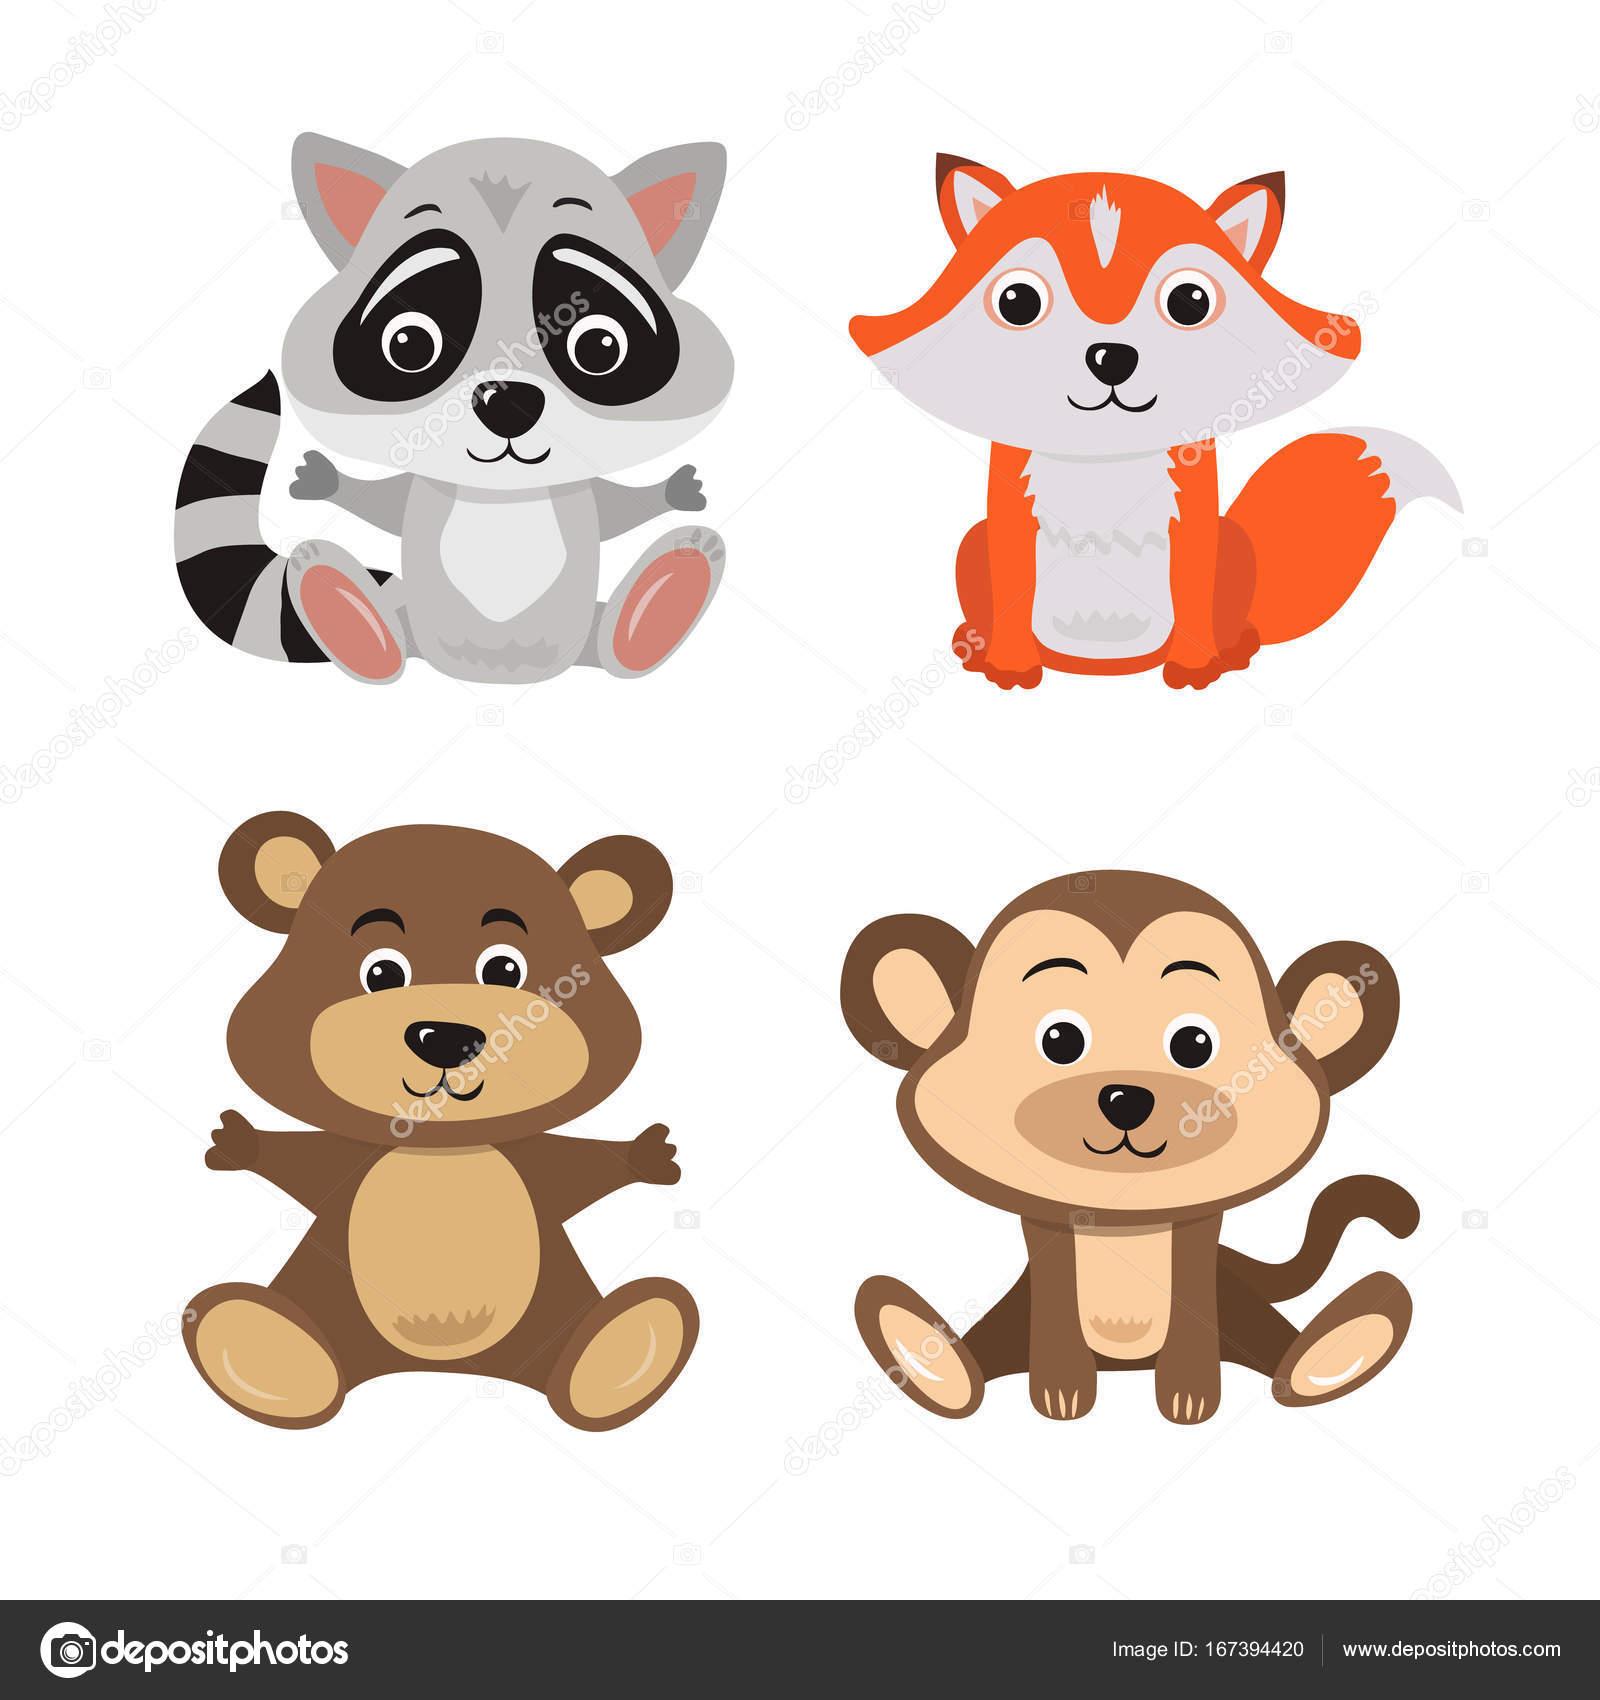 7 赤ちゃん動物アライグマ、キツネ、クマとサルの漫画イラスト